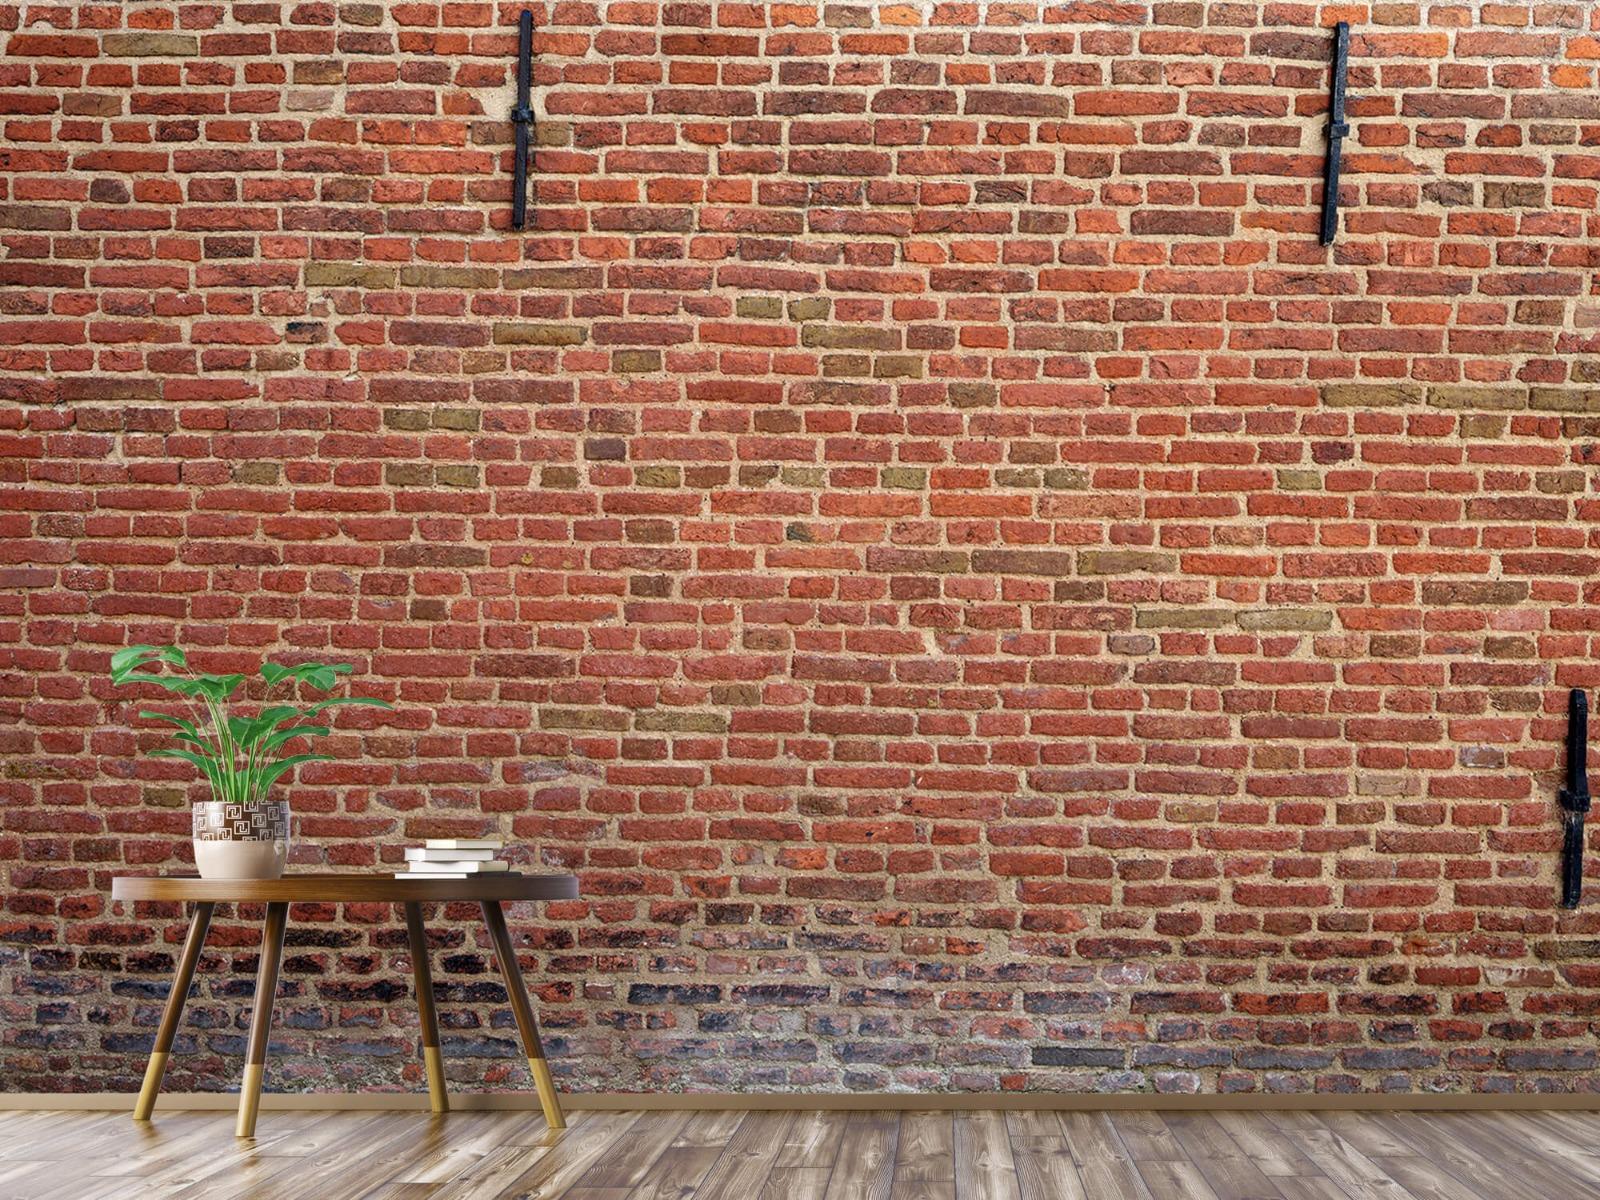 Stenen - Stadsmuur met muurankers 5